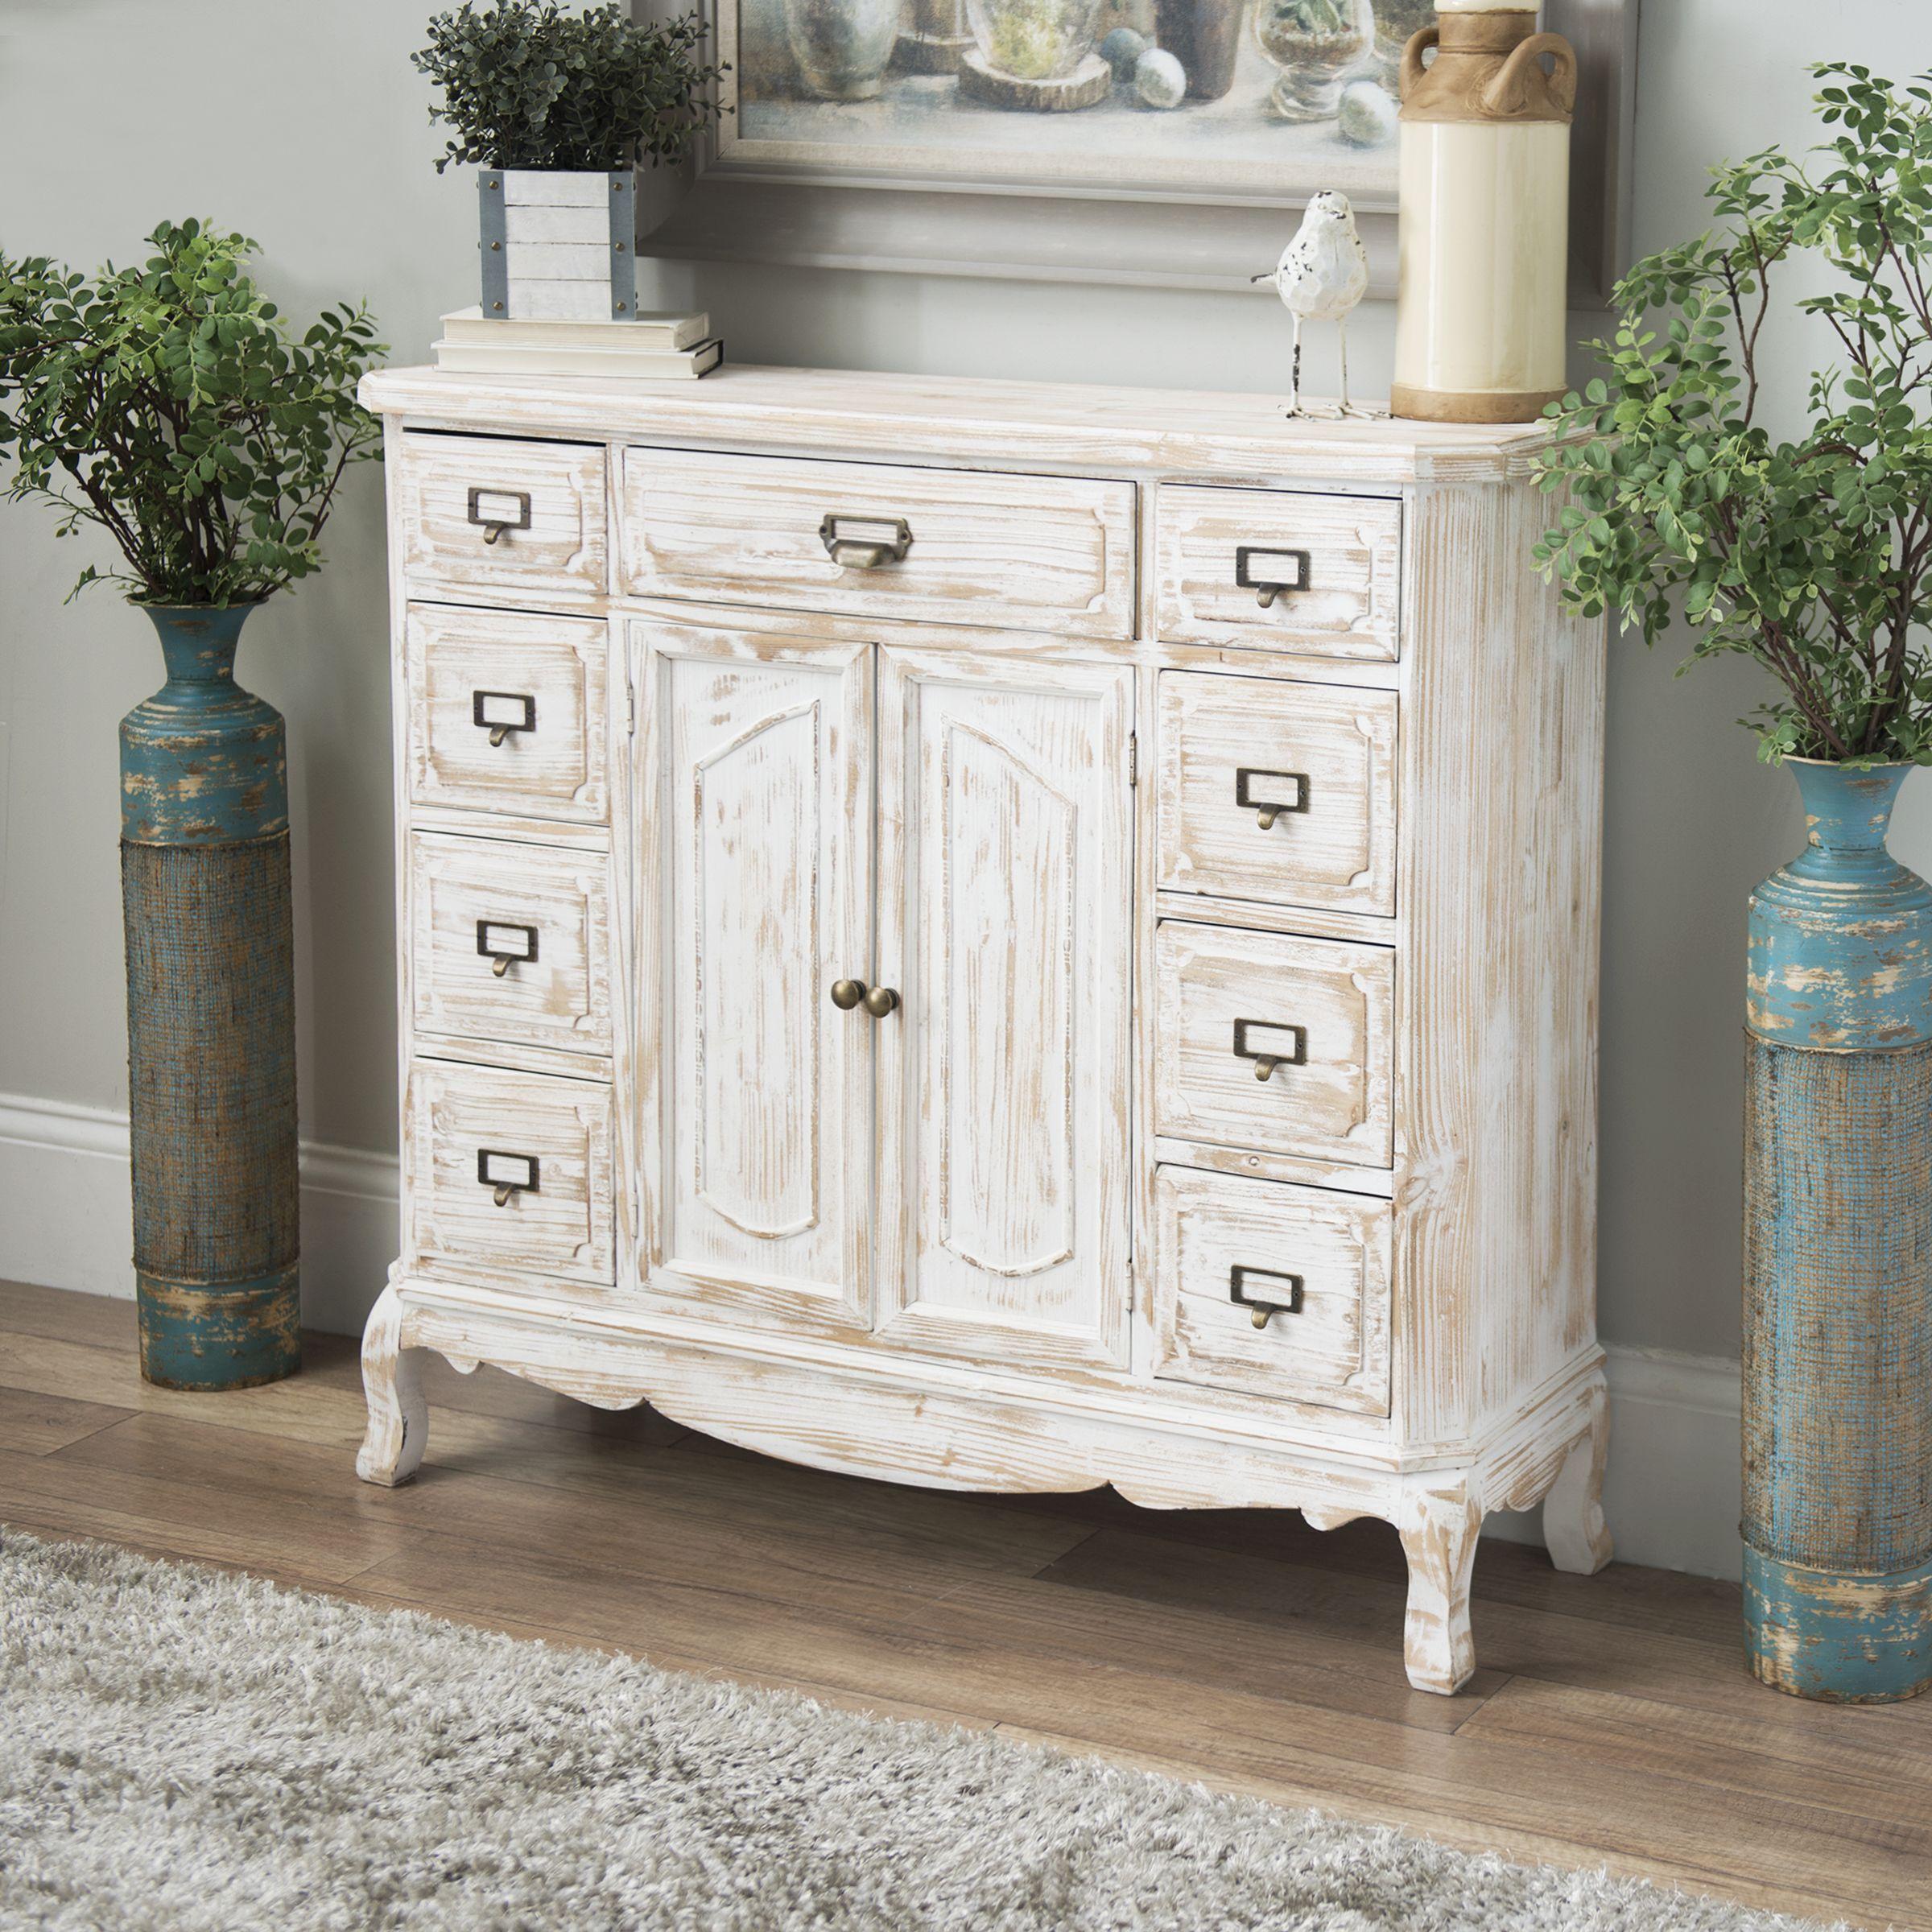 vintage white apothecary cabinet | negozi di antiquariato, negozi ... - Armadietti Della Cucina Idee Progettuali